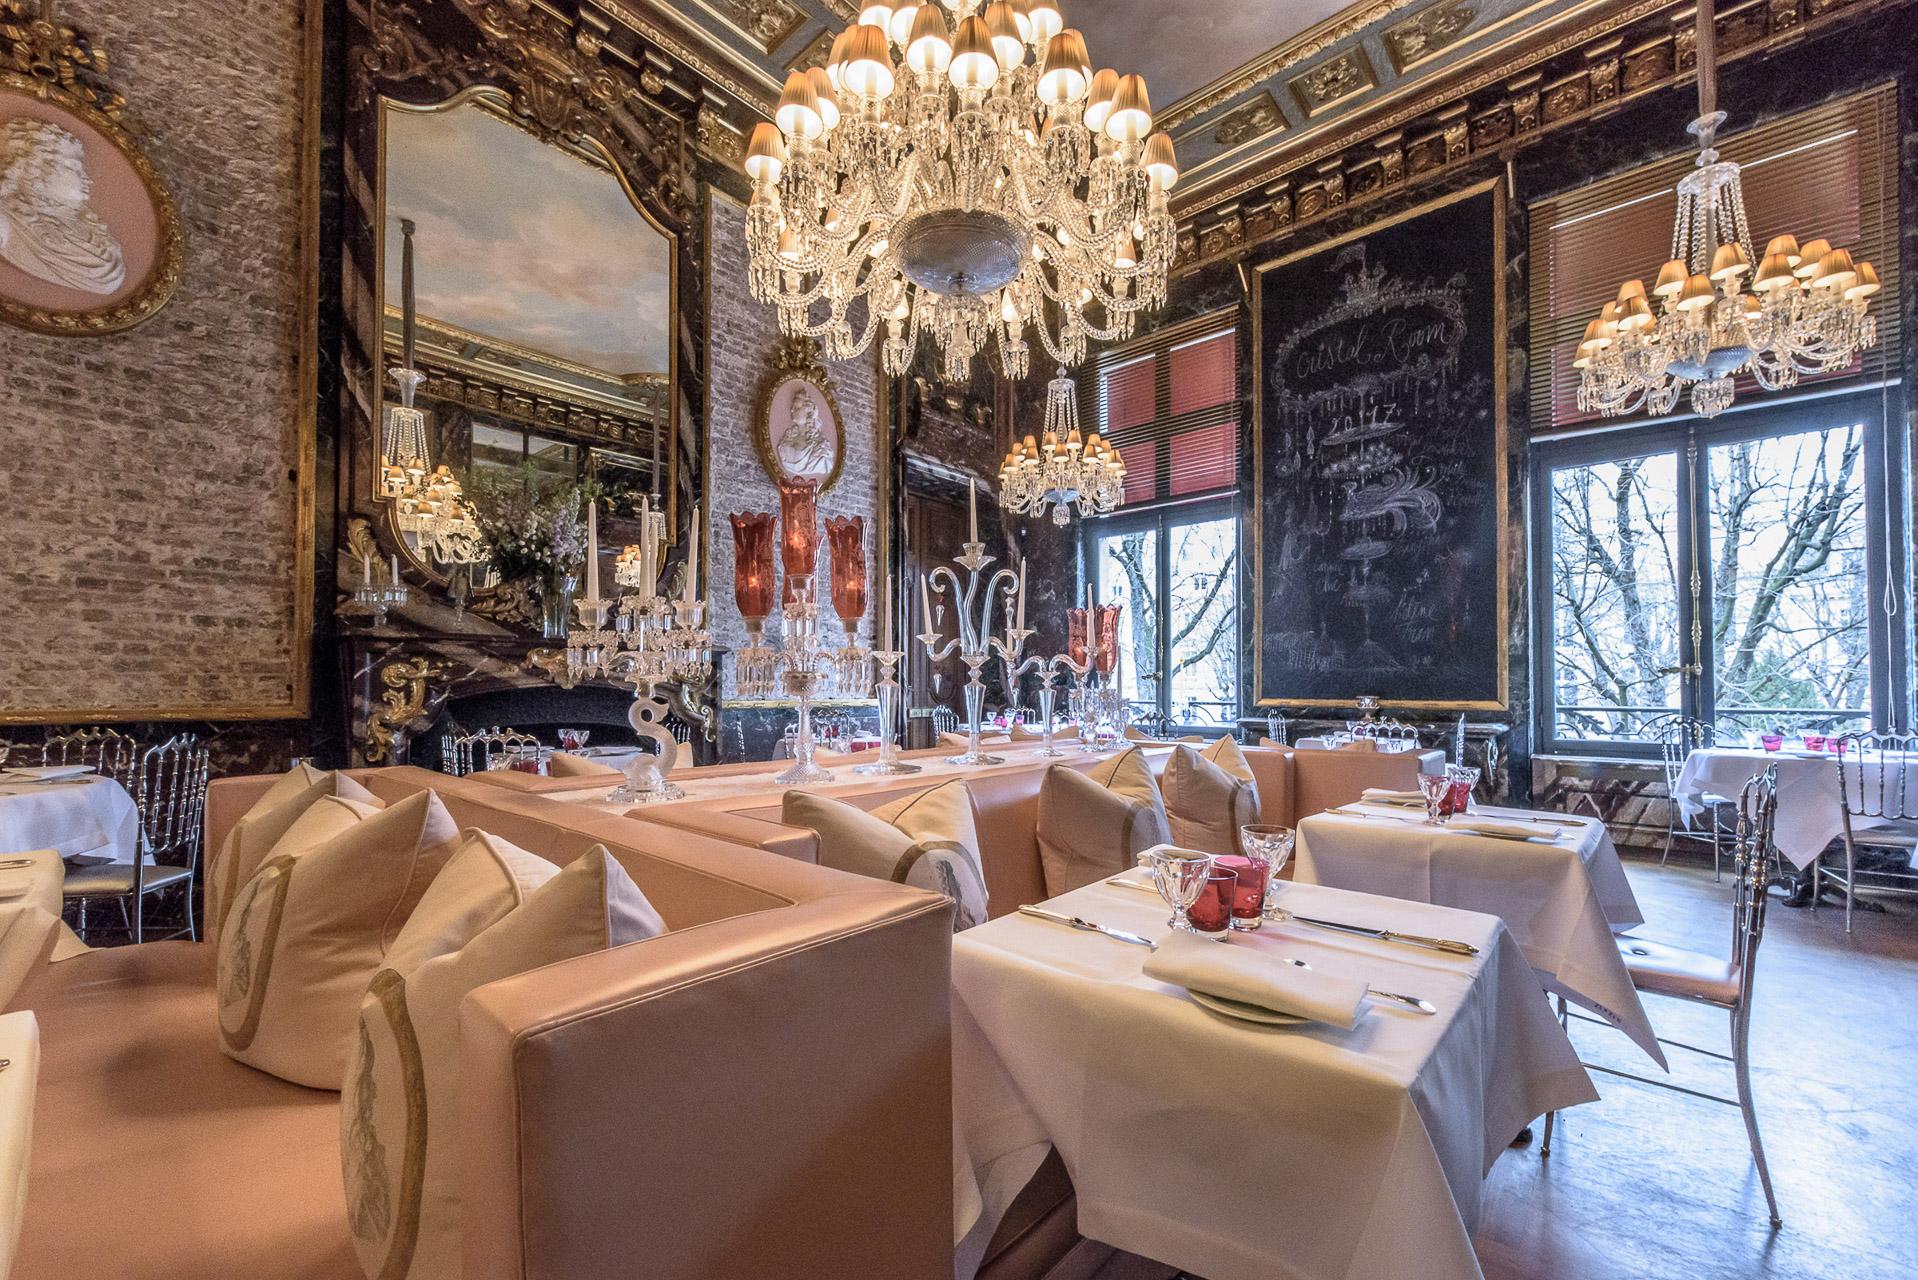 Cristal room restaurant soir e r ception conf rence - La maison du cristal ...